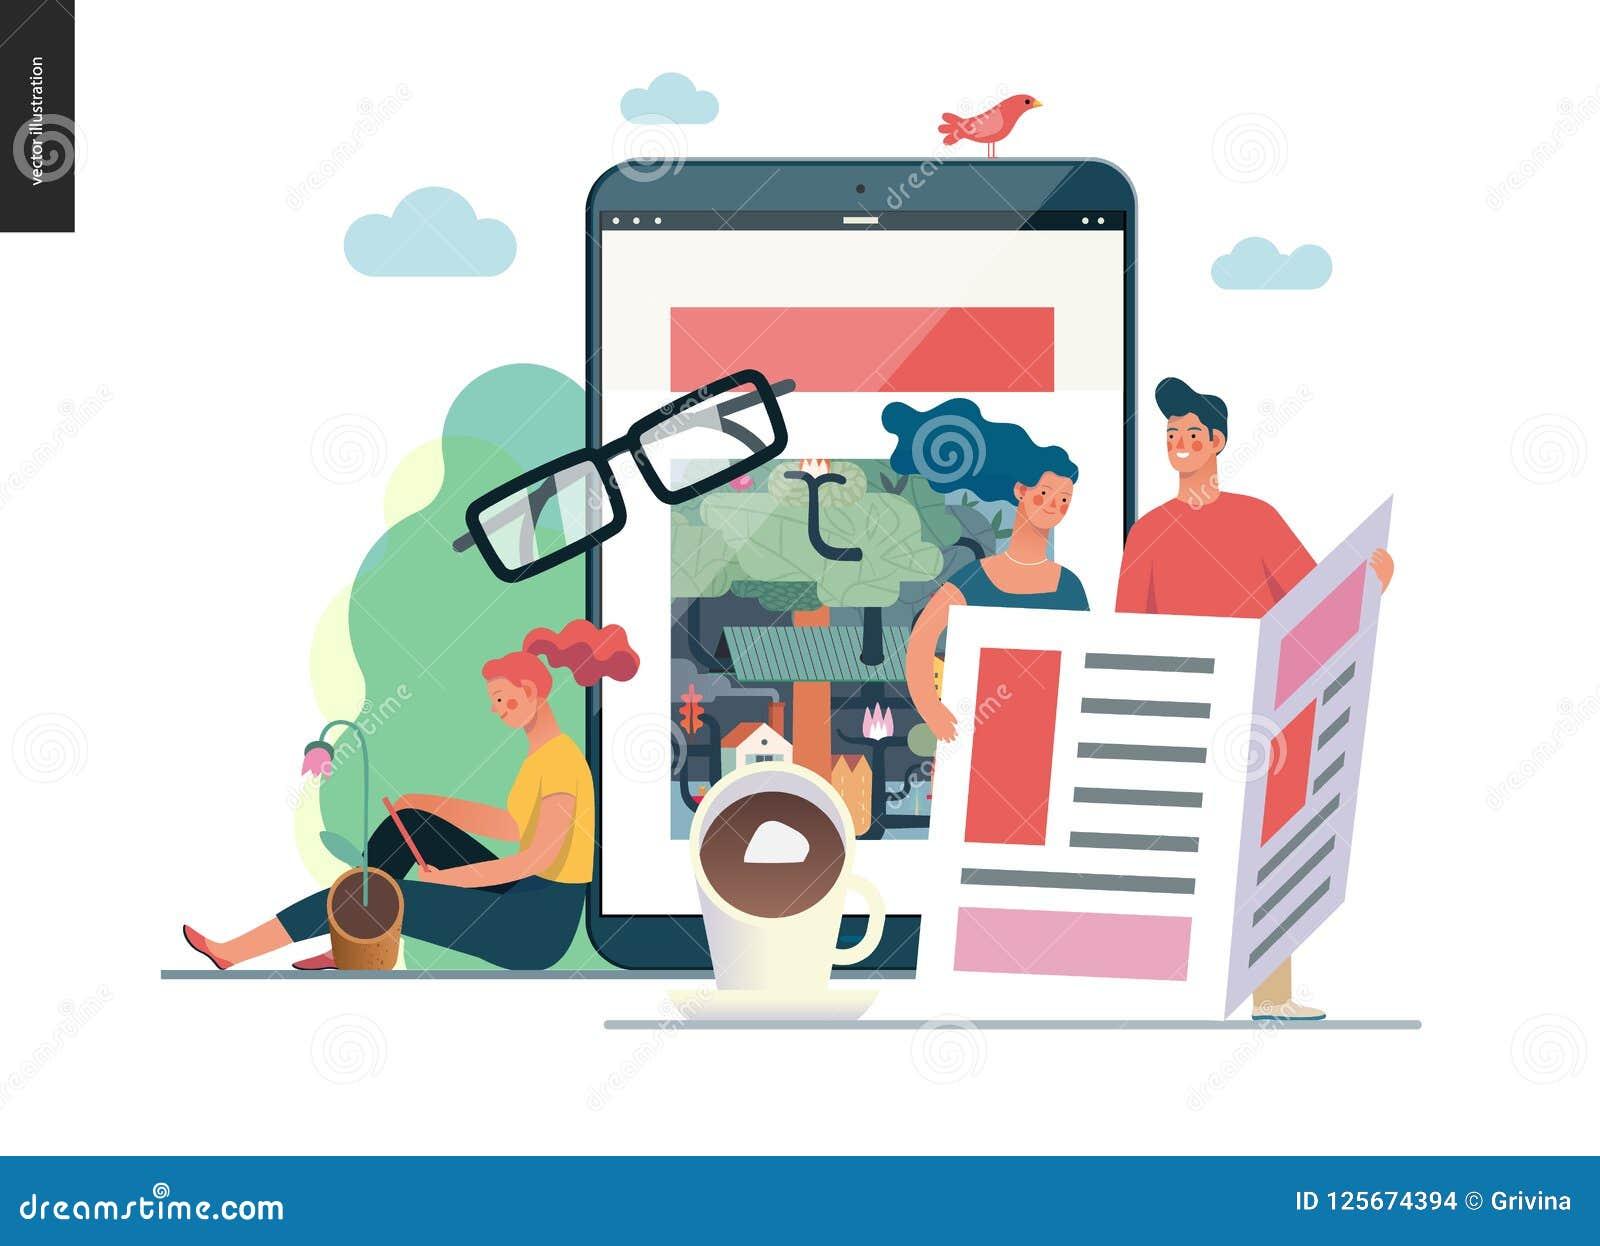 Bedrijfsreeks - nieuws of artikelen, Webmalplaatje